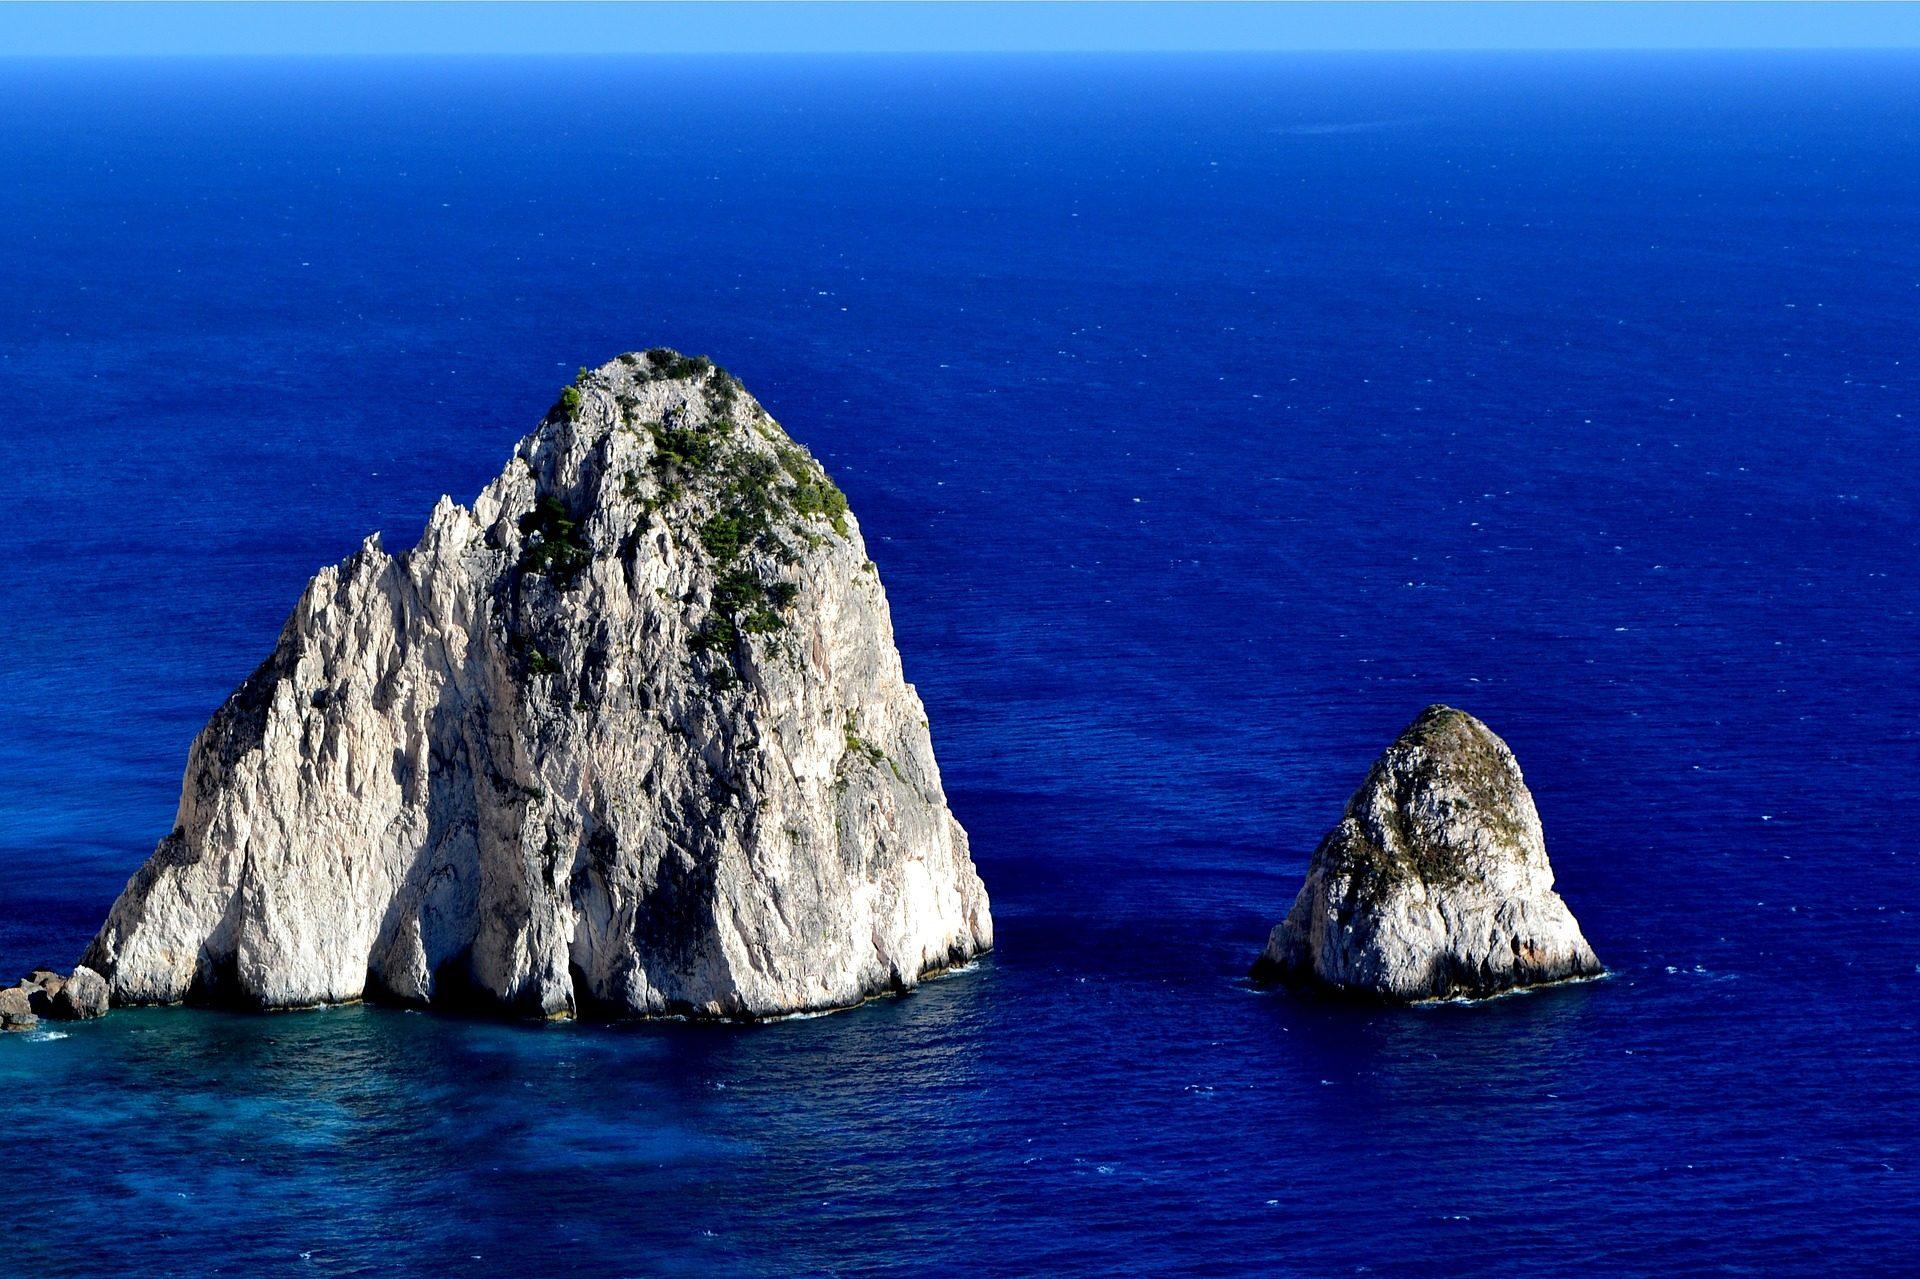 pedras, Rocas, Ilhas, Zakynthos, Sua - Papéis de parede HD - Professor-falken.com